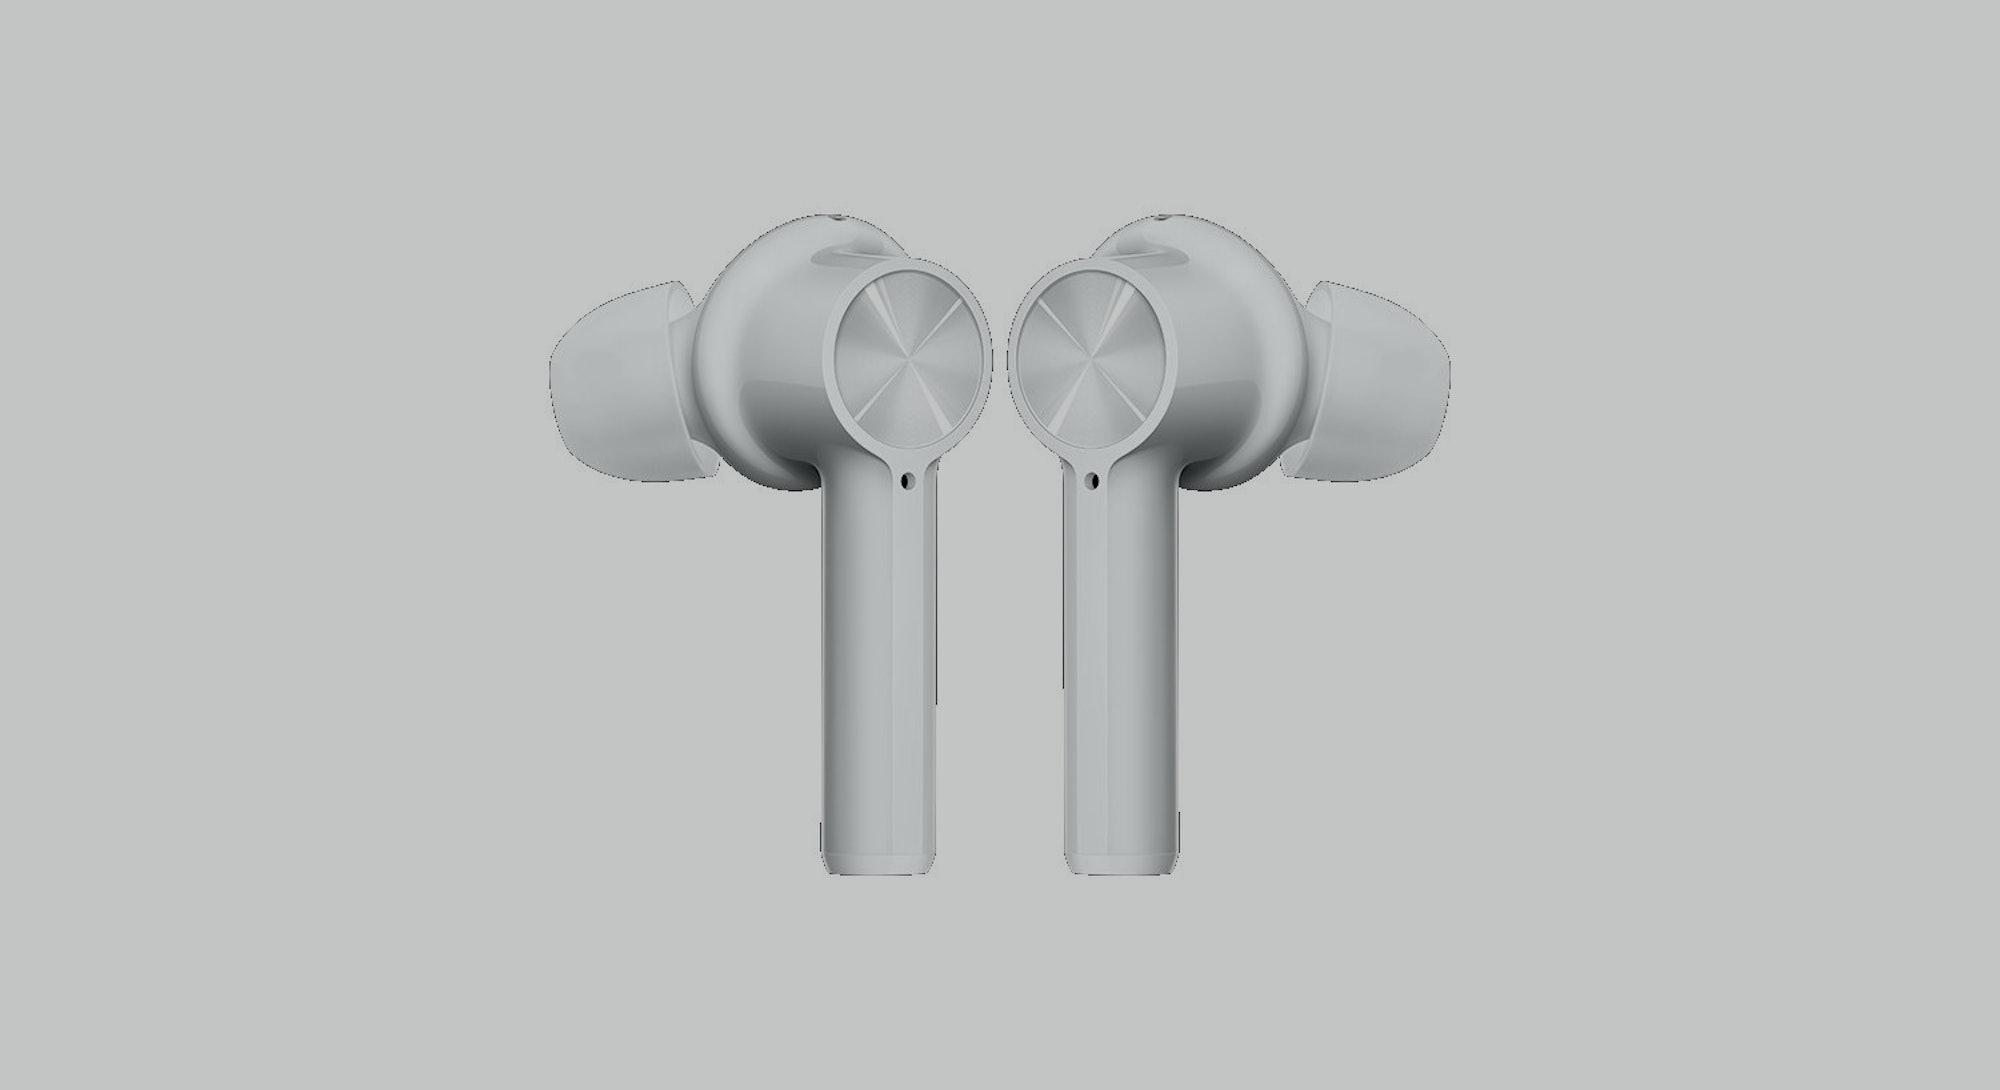 OnePlus Buds Z budget wireless earbuds